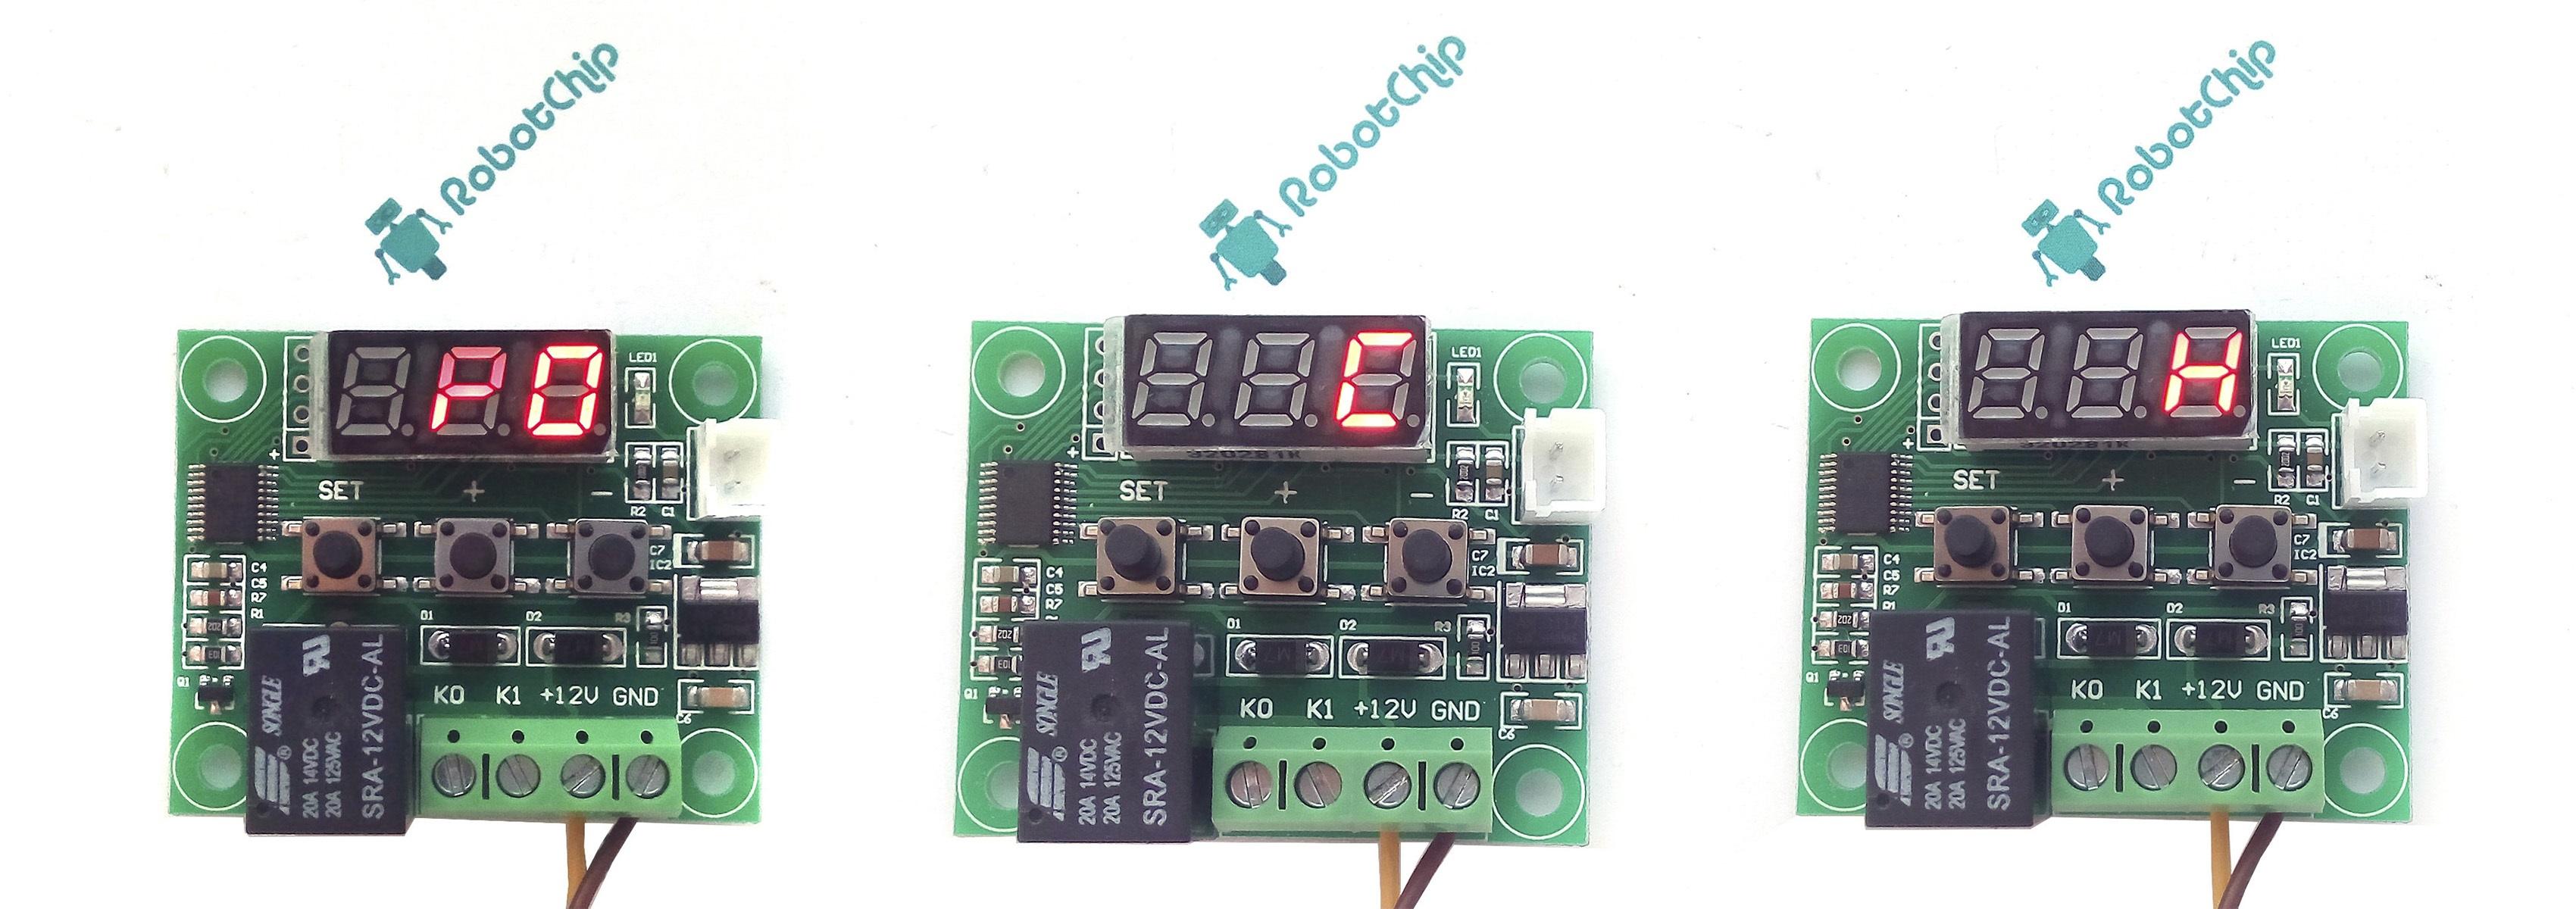 Терморегулятор XH-W1209 - настройка меню P0